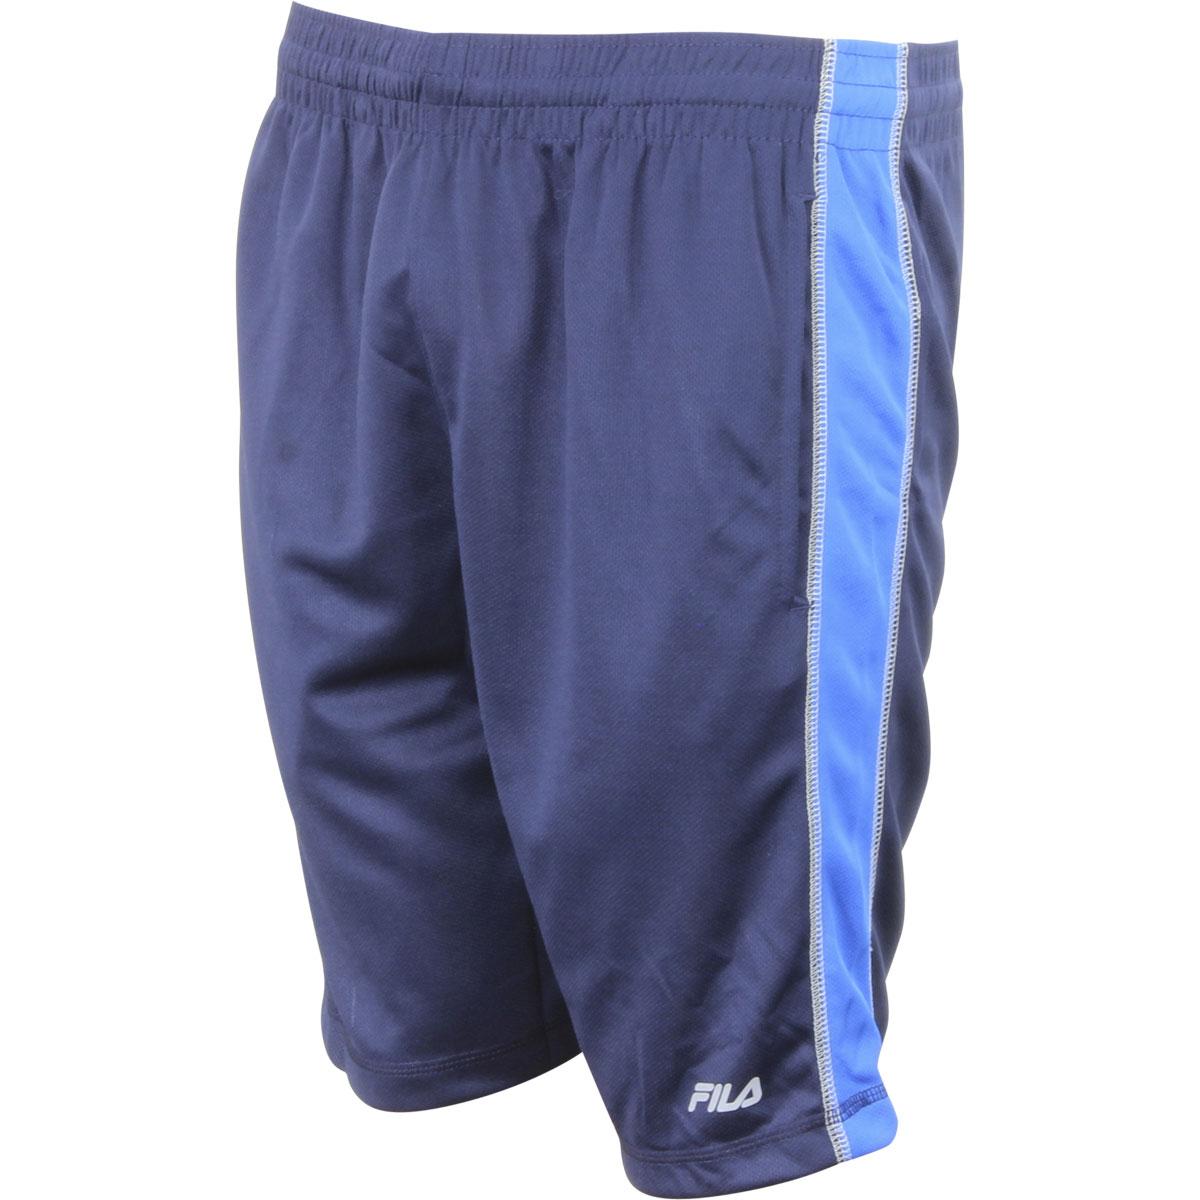 1192c19c0031 Fila-Men-039-s-Sidewalk-Drawstring-Mesh-Shorts thumbnail